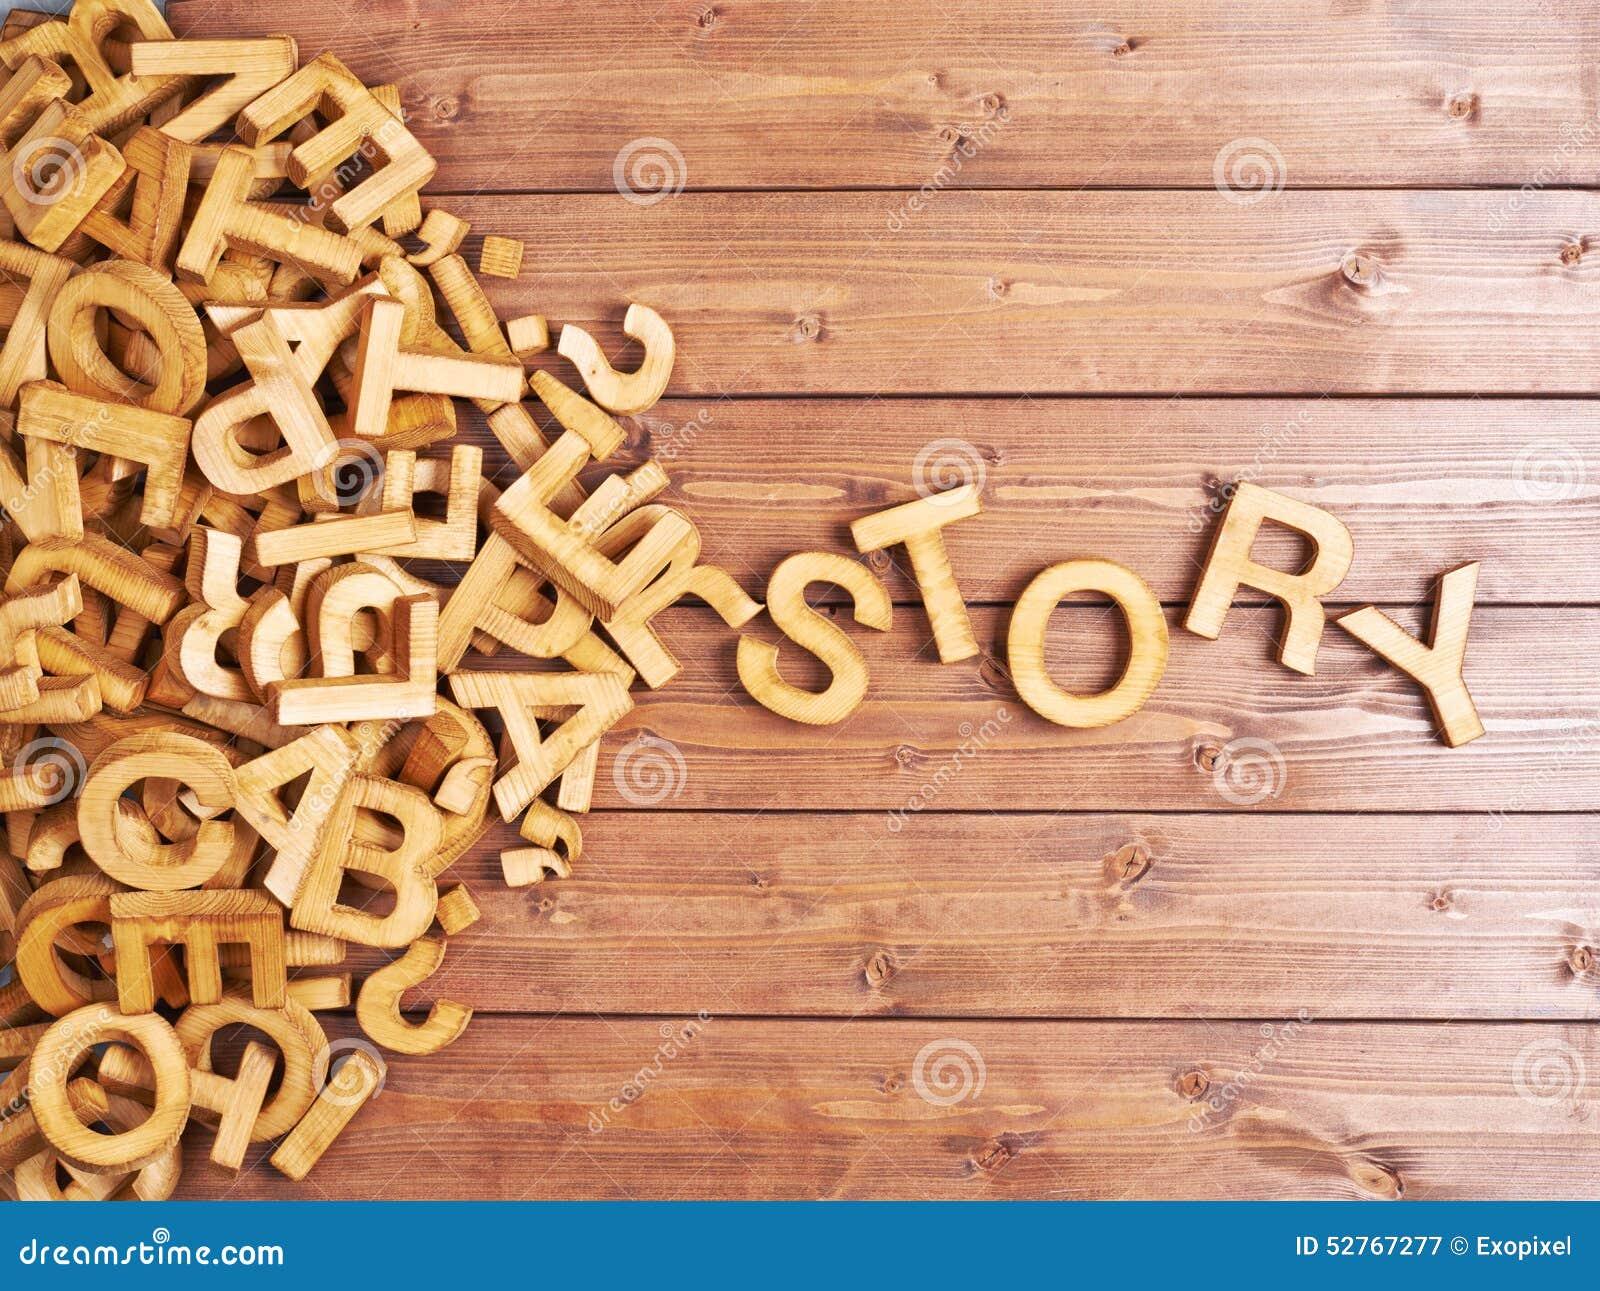 Armario Organizador De Brinquedos Em Mdf ~ História Da Palavra Feita Com Letras De Madeira Foto de Stock Imagem 52767277